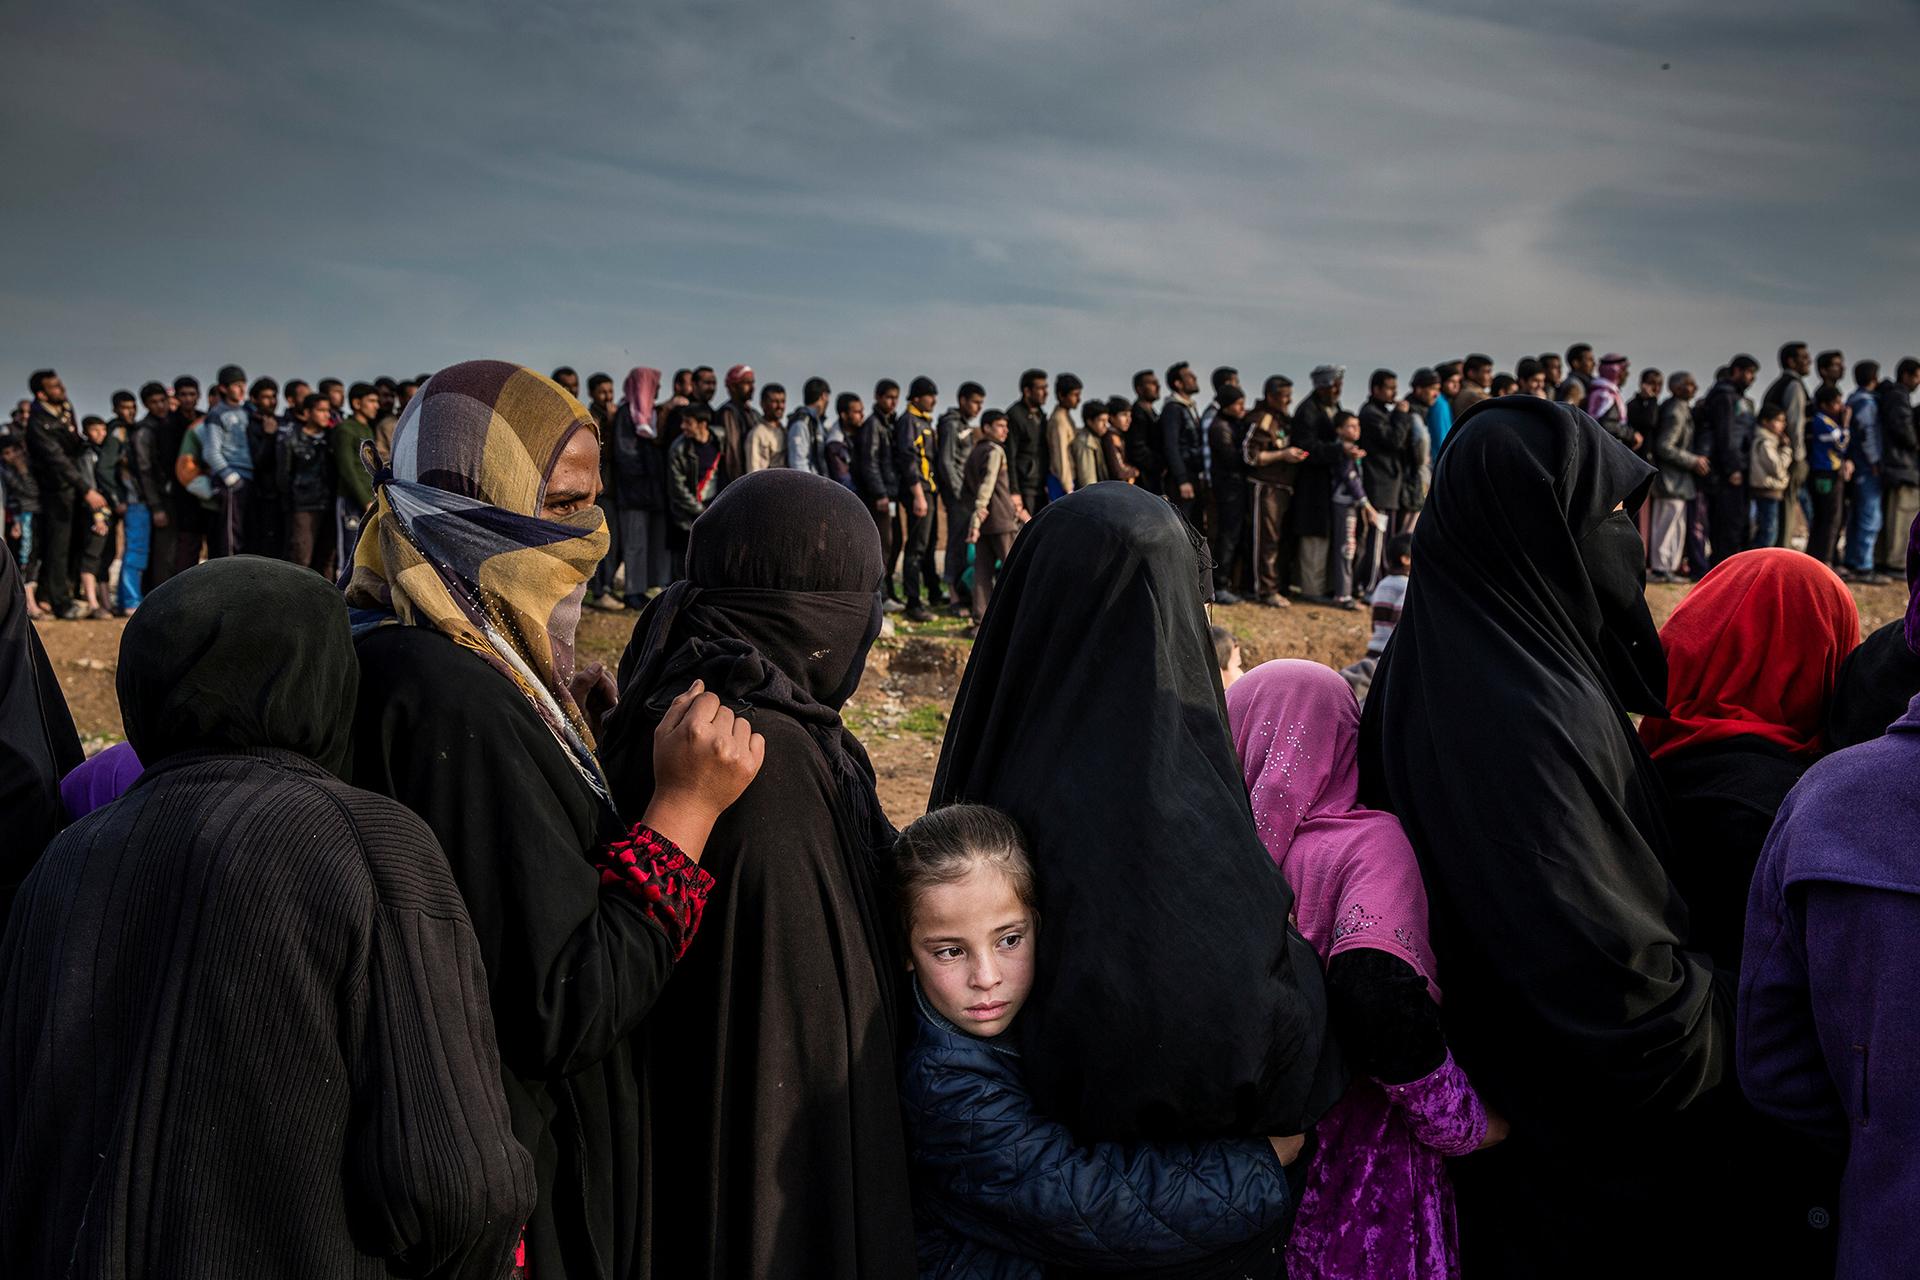 The Battle for Mosul – La batalla por Mosul: foto nominada para la Foto del Año en el concurso de fotografía de World Press. Los civiles que habían permanecido en el oeste de Mosul después de la batalla para tomar la ciudad se paran en fila para recibir ayuda en el barrio de Mamun. (Ivor Prickett, Irlanda)